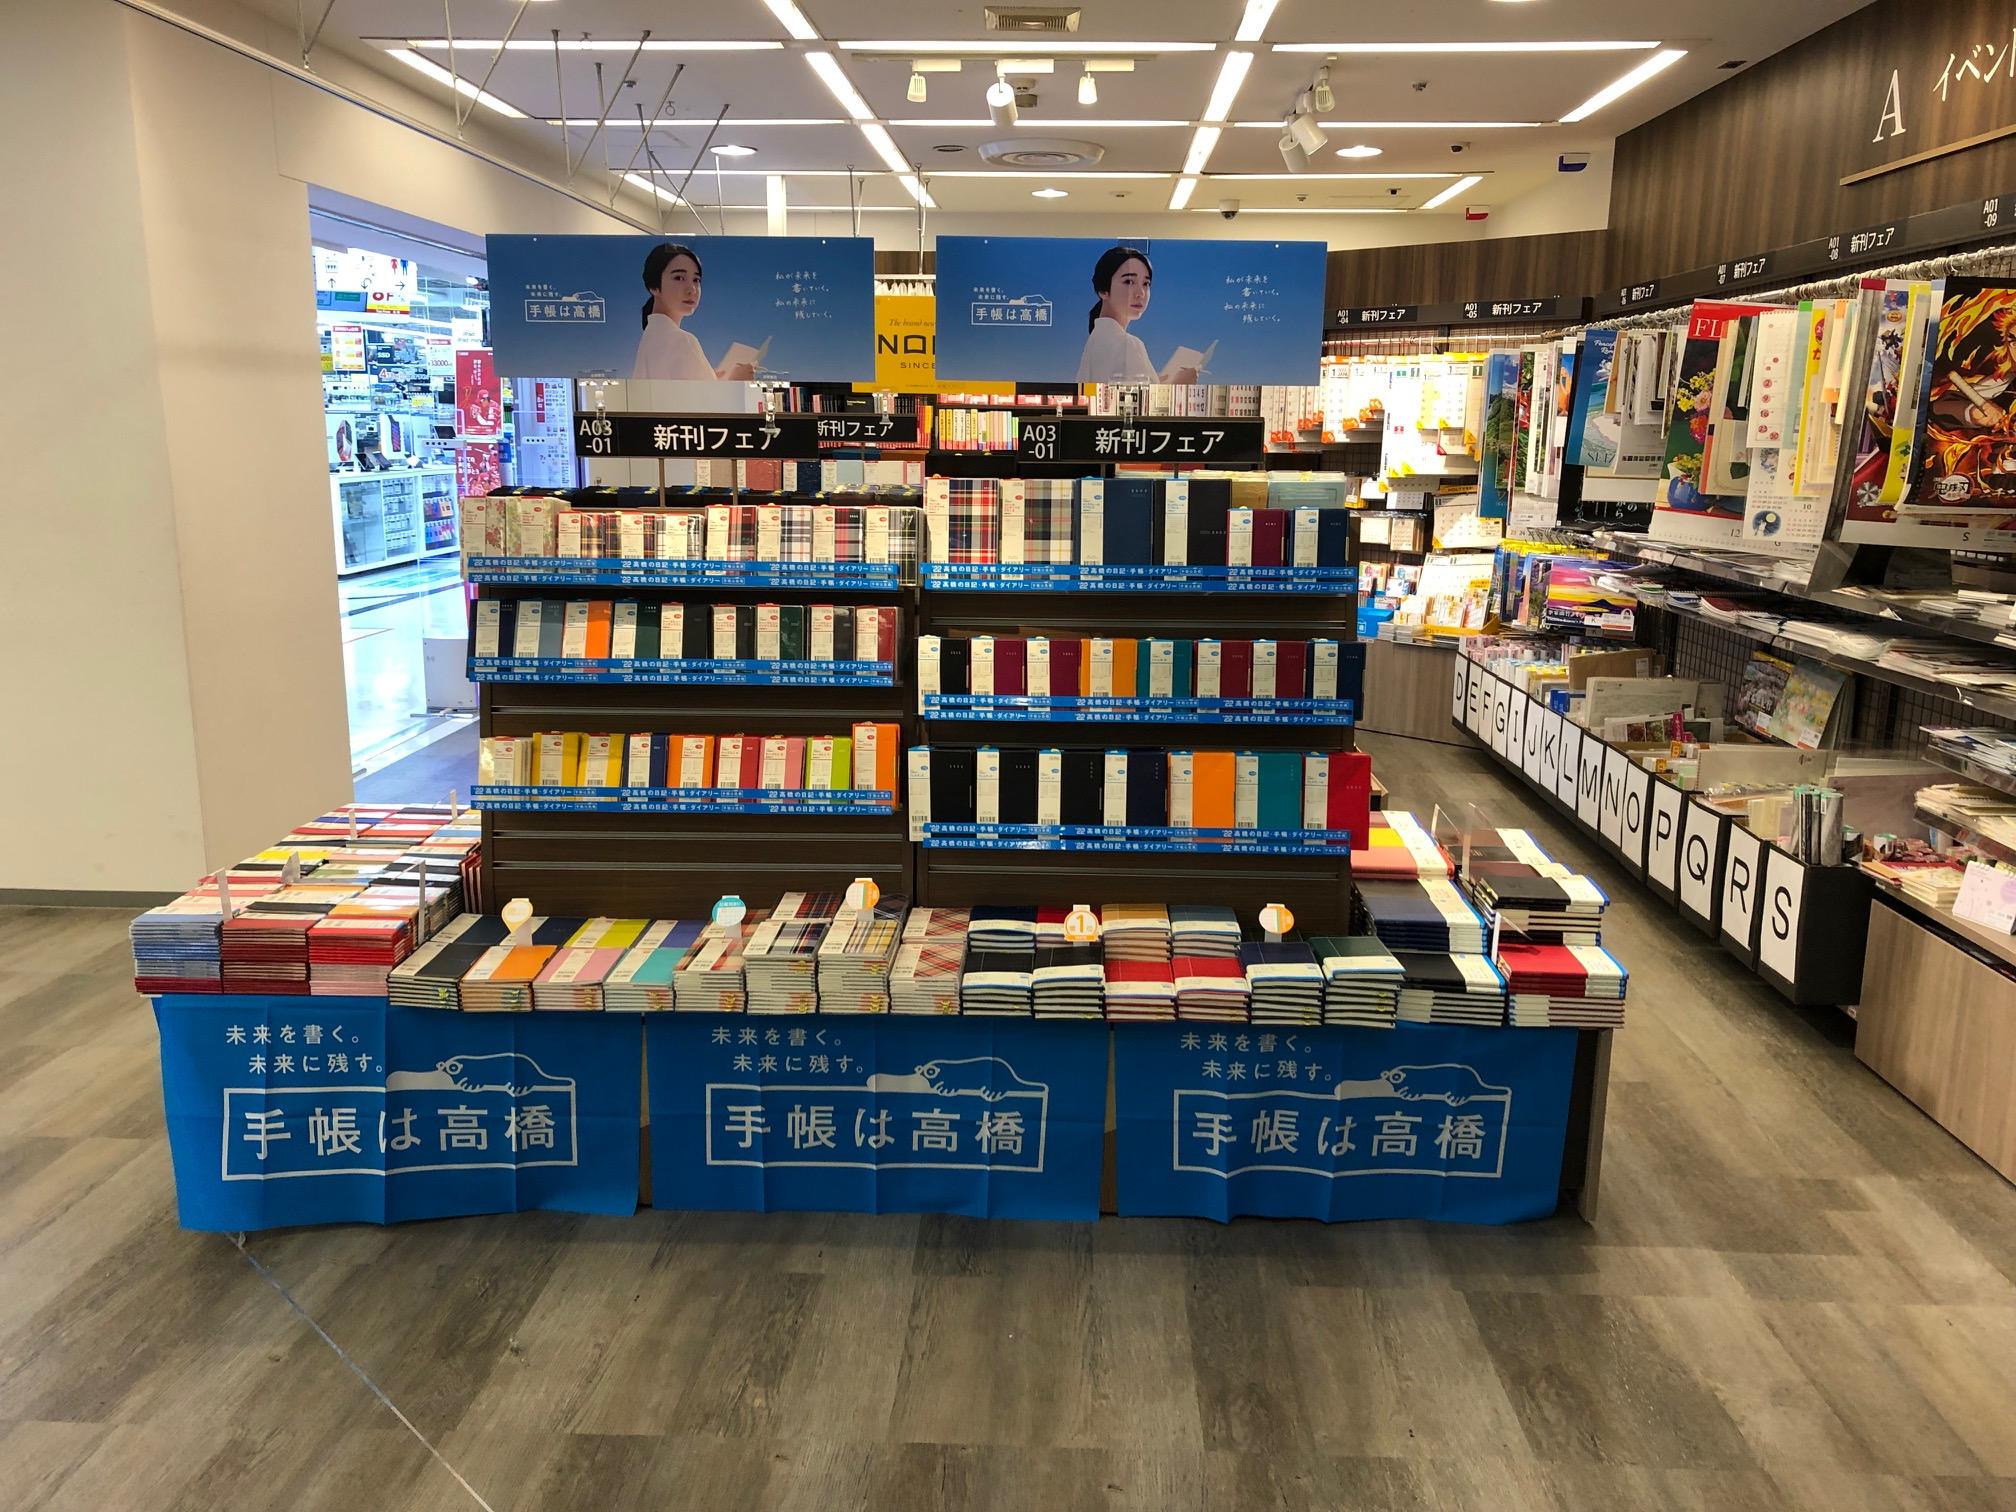 紀伊國屋書店:2022 日記手帳カレンダー フェア開催中